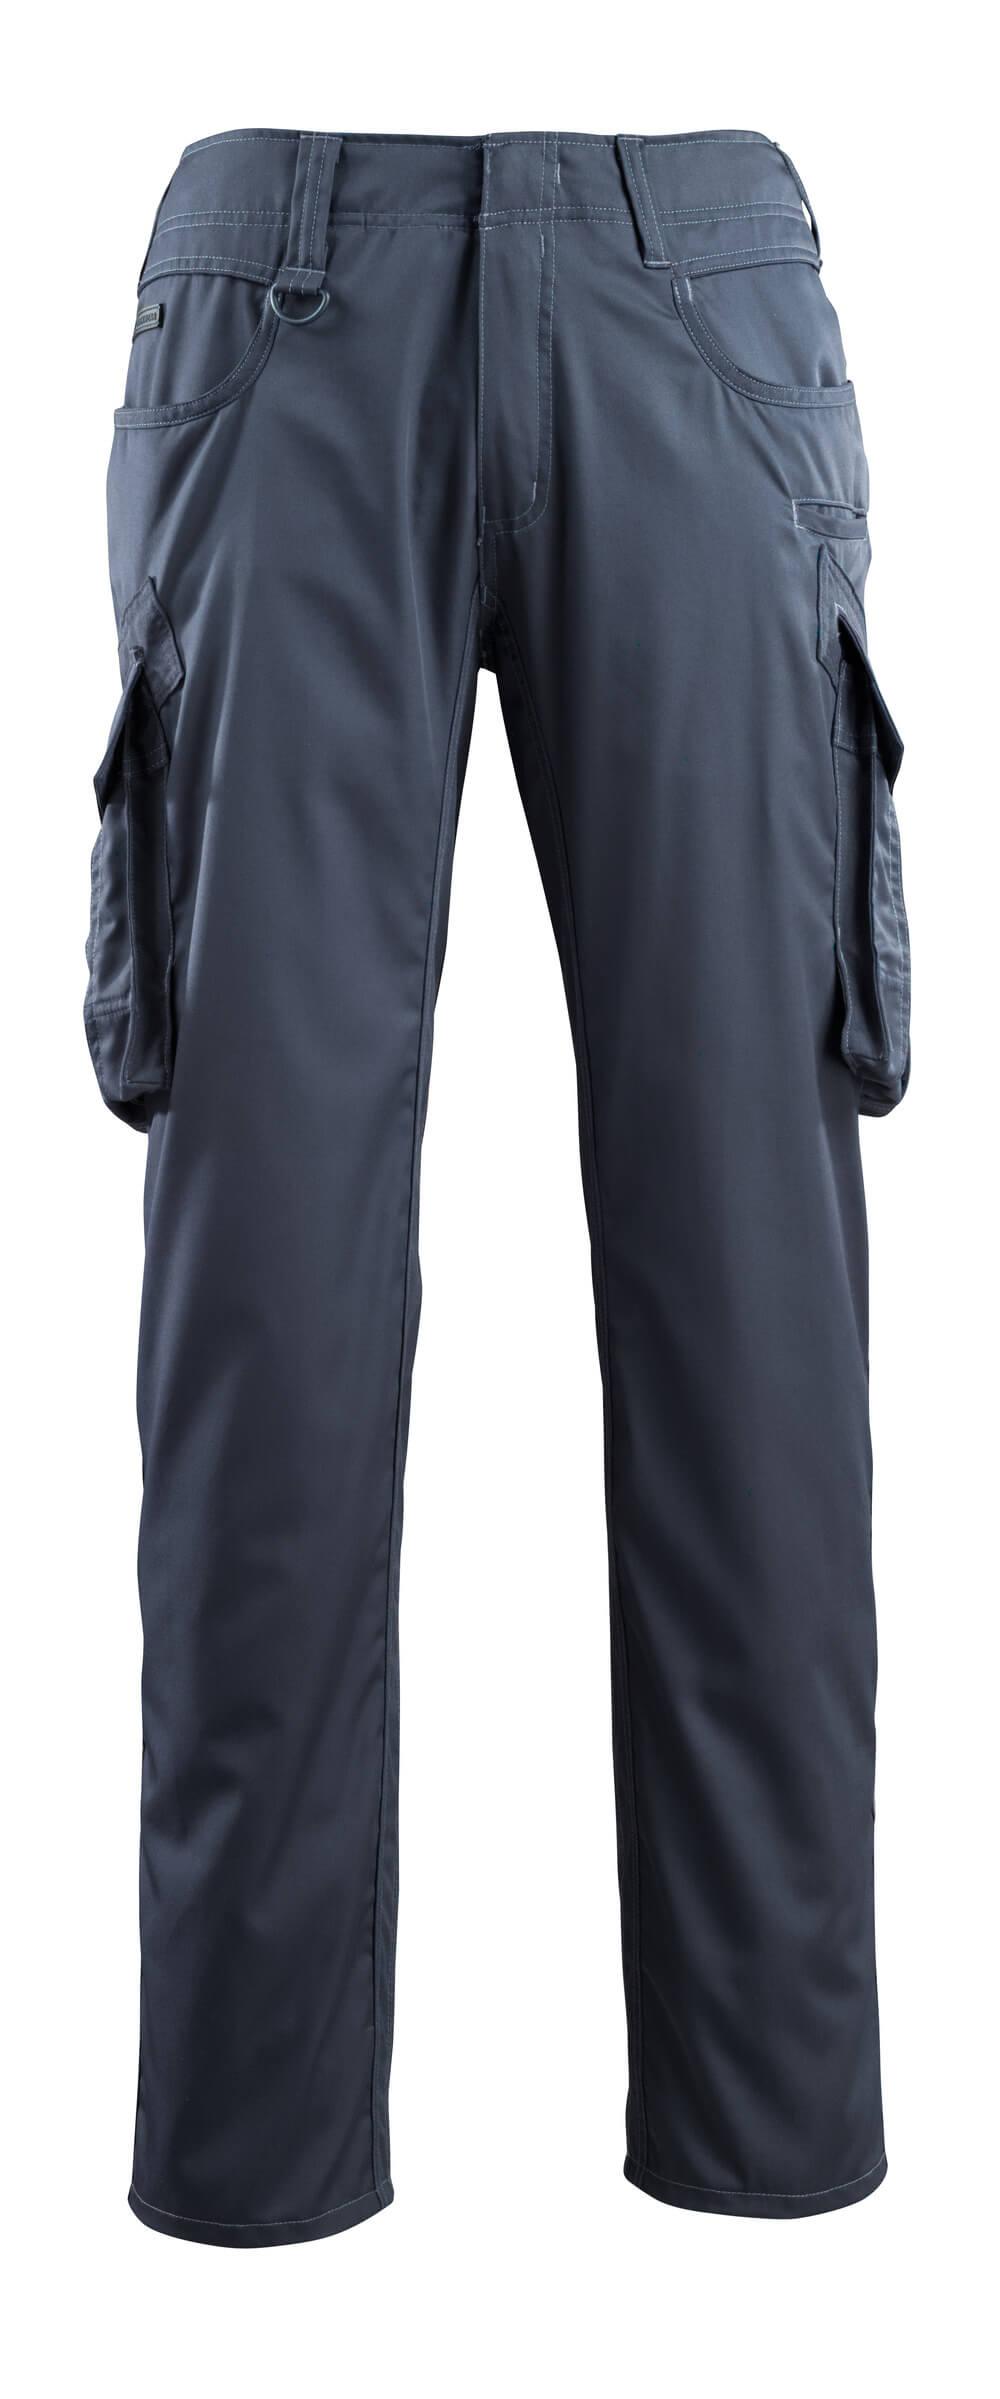 16179-230-010 Spodnie z kieszeniami na udach - ciemny granat